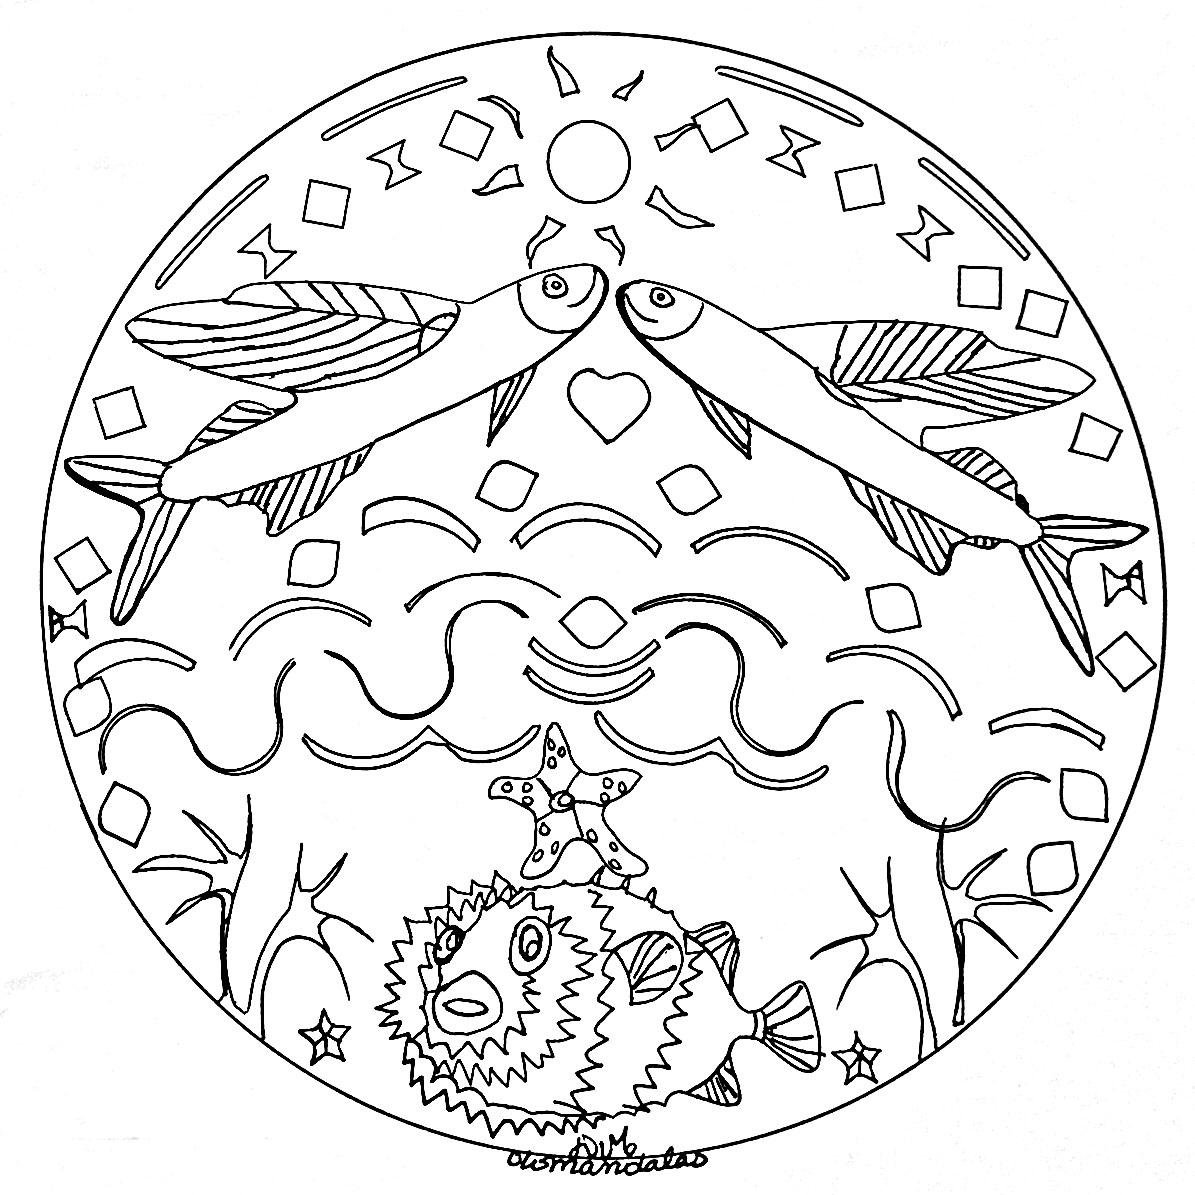 Mandala Poisson En Mer 2 - Mandalas - Coloriages Difficiles tout Coloriage Sur La Mer À Imprimer